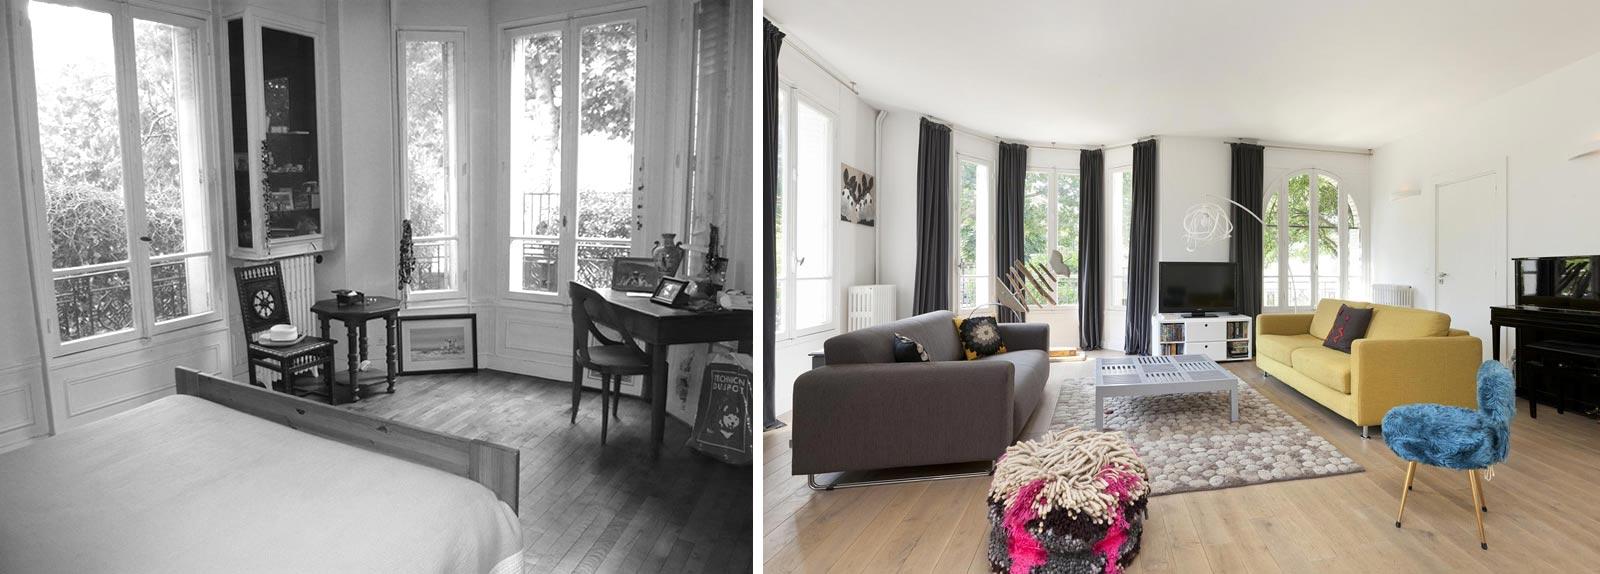 Relooking d\'intérieur d\'une maison individuelle de 5 pièces à Bordeaux